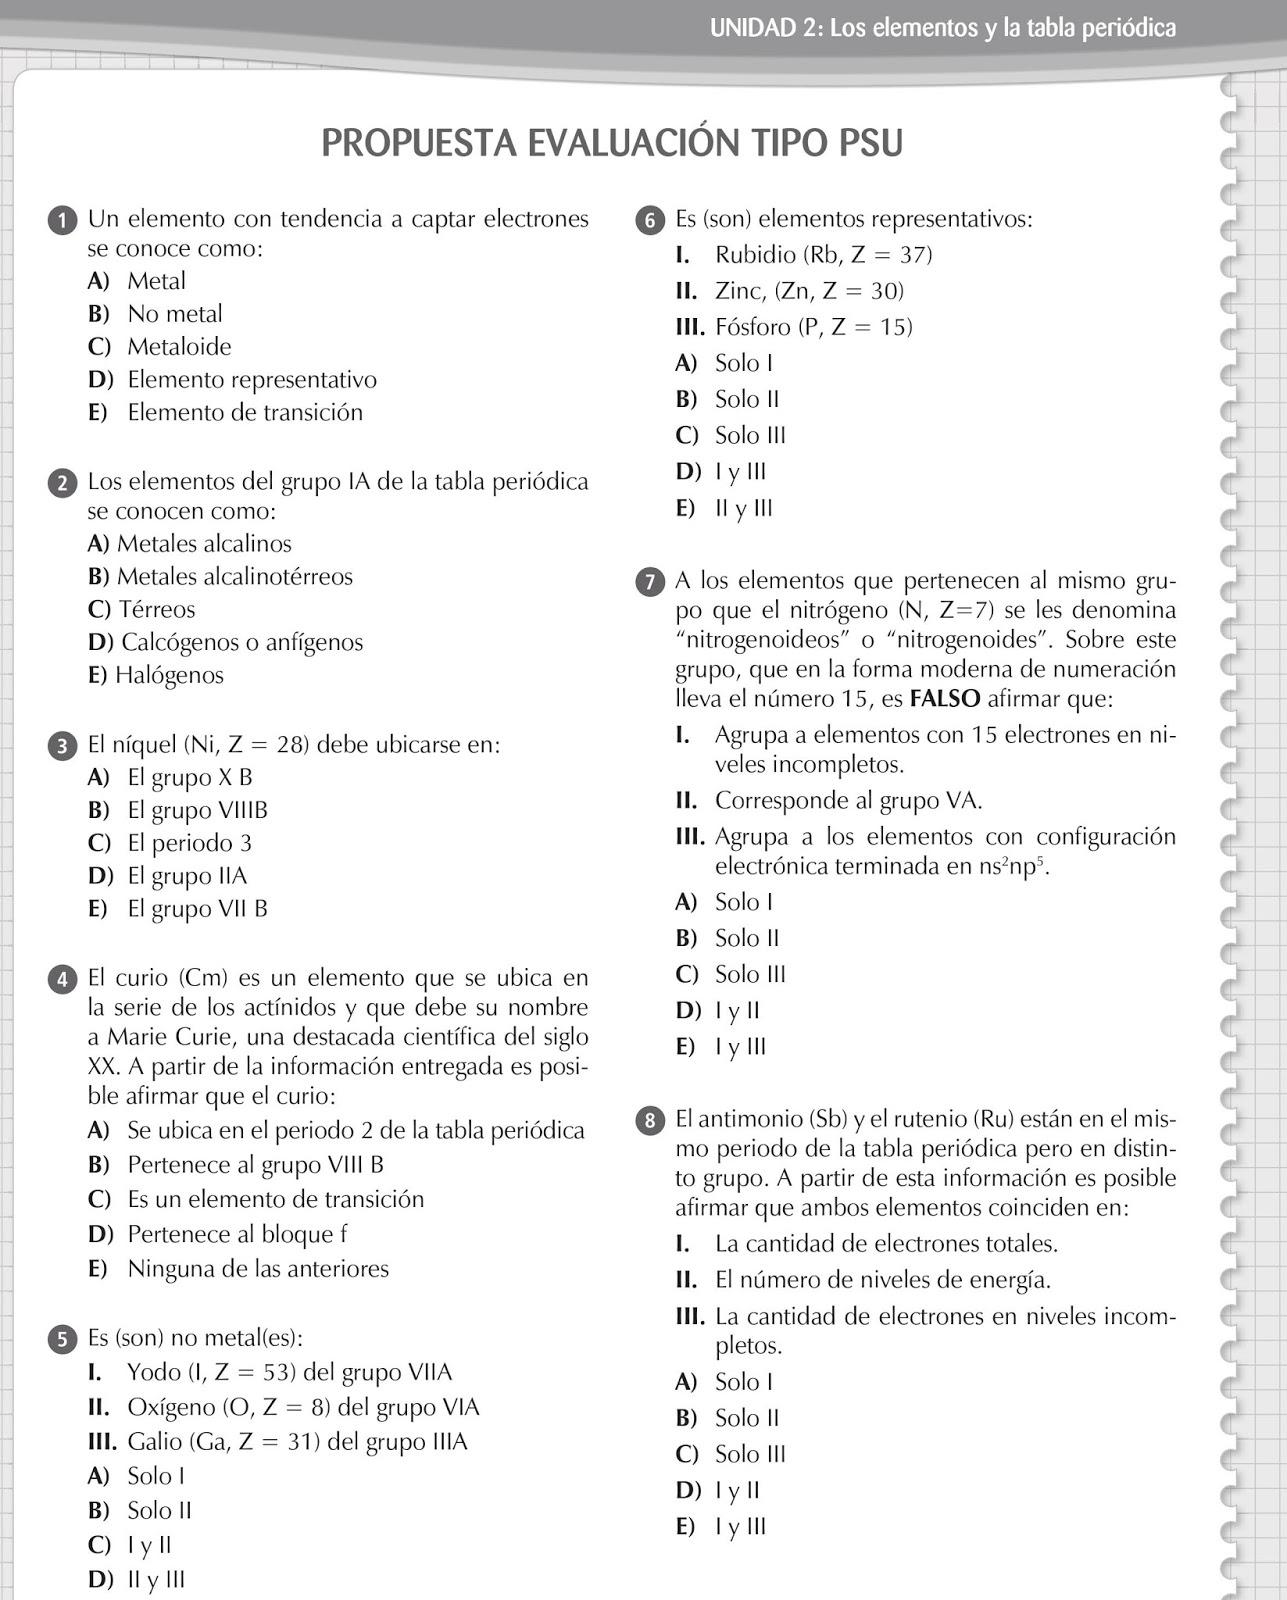 Qumica general i prof keiber marcano unidad 2 los elementos y blog elaborado por prof keiber marcano urtaz Choice Image